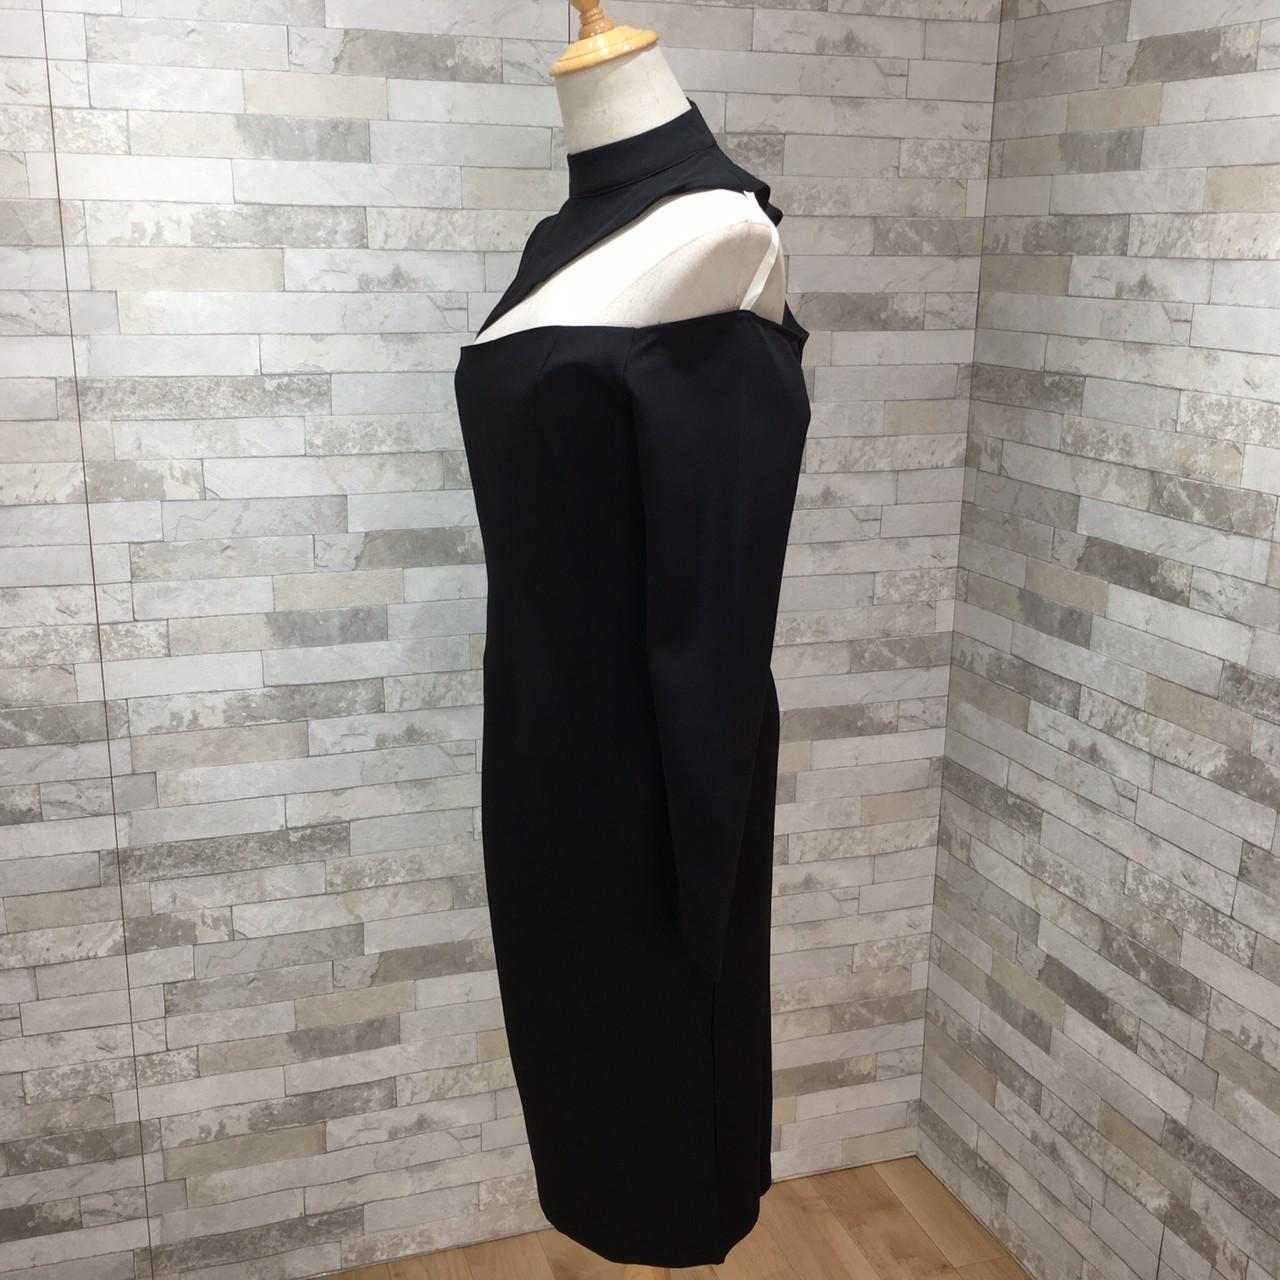 韓国 ファッション ワンピース パーティードレス ひざ丈 ミディアム 秋 冬 春 パーティー ブライダル PTXH549 結婚式 お呼ばれ アシンメトリー オープンショルダー 二次会 セレブ きれいめの写真15枚目